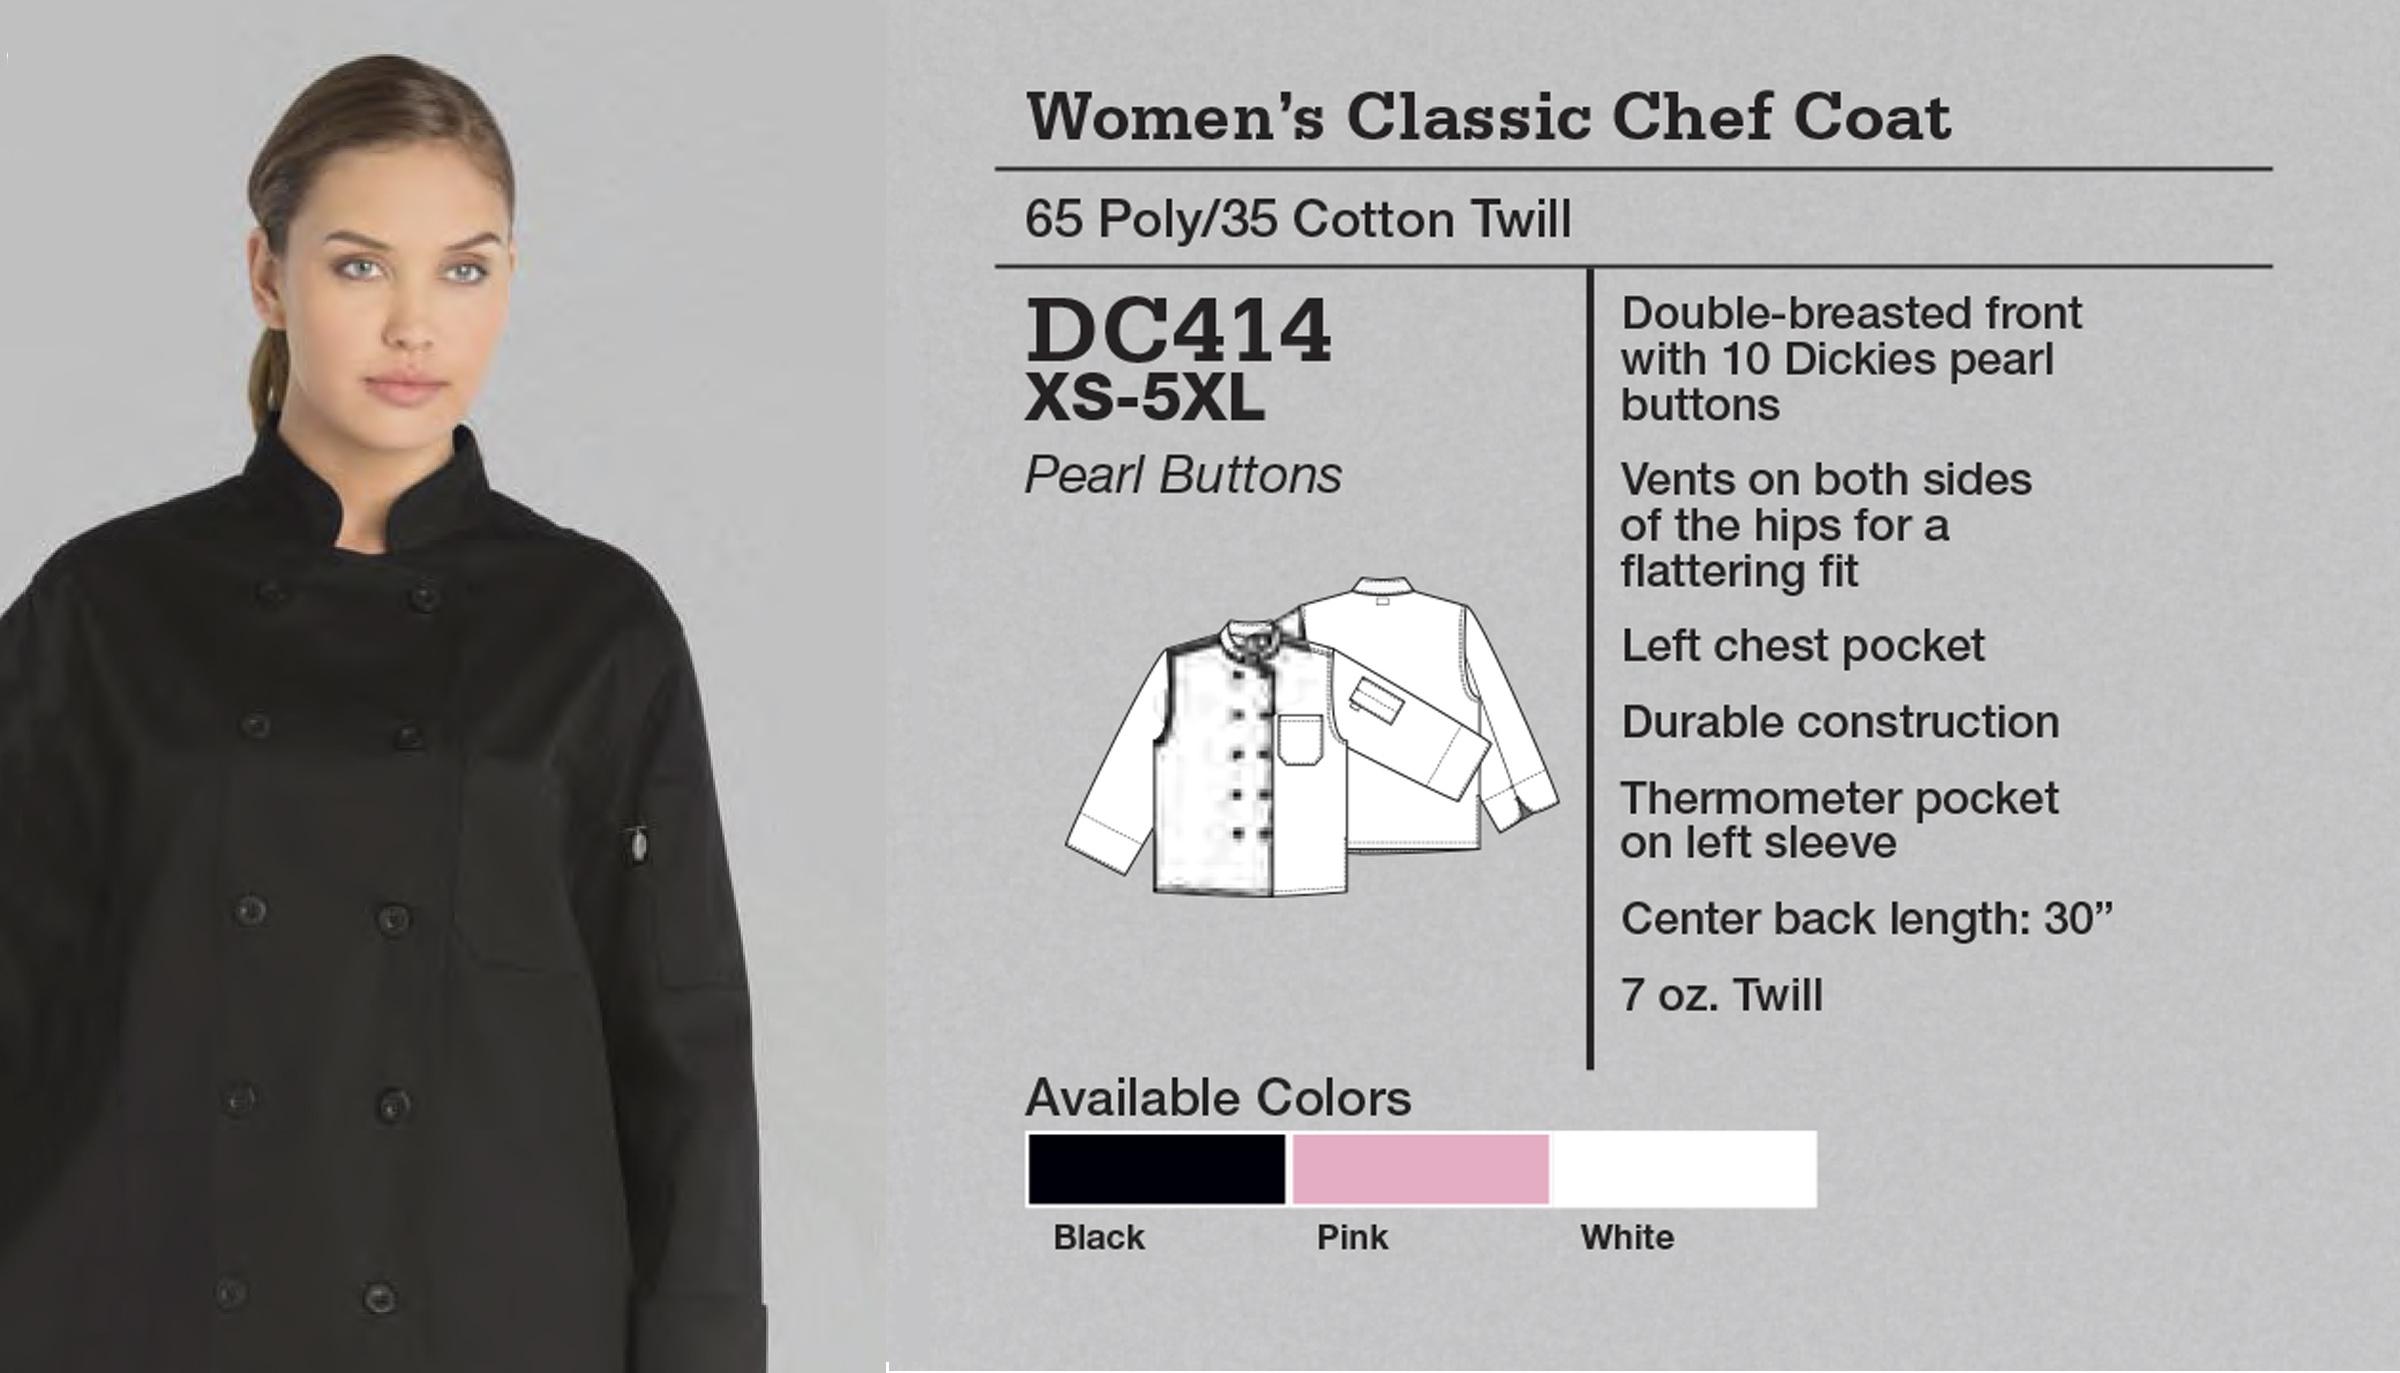 Abrigo de Chef para Mujer Clásico. DC414.